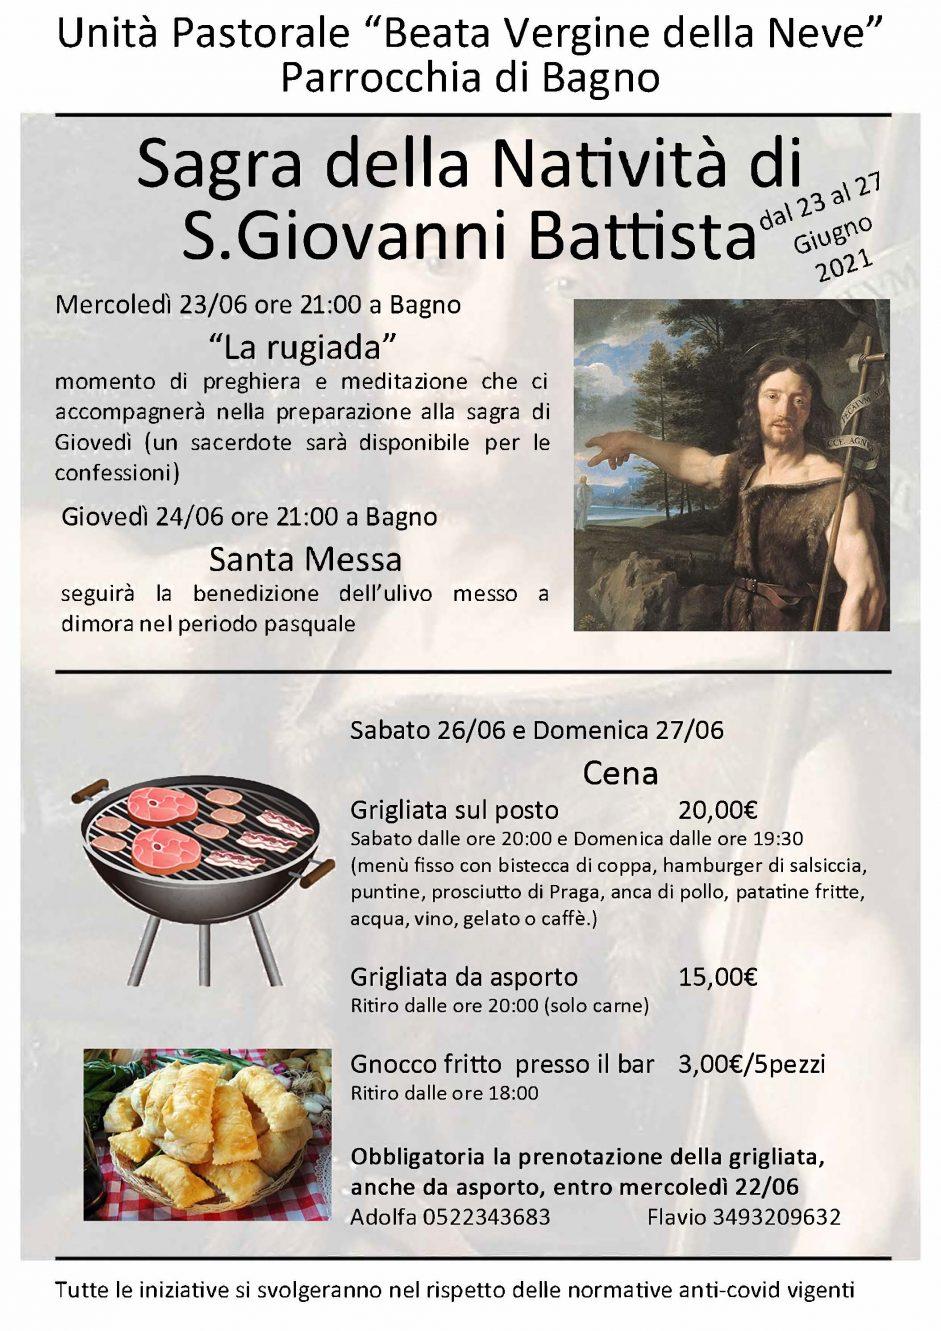 Sagra S.Giovanni Battista 2021, Bagno